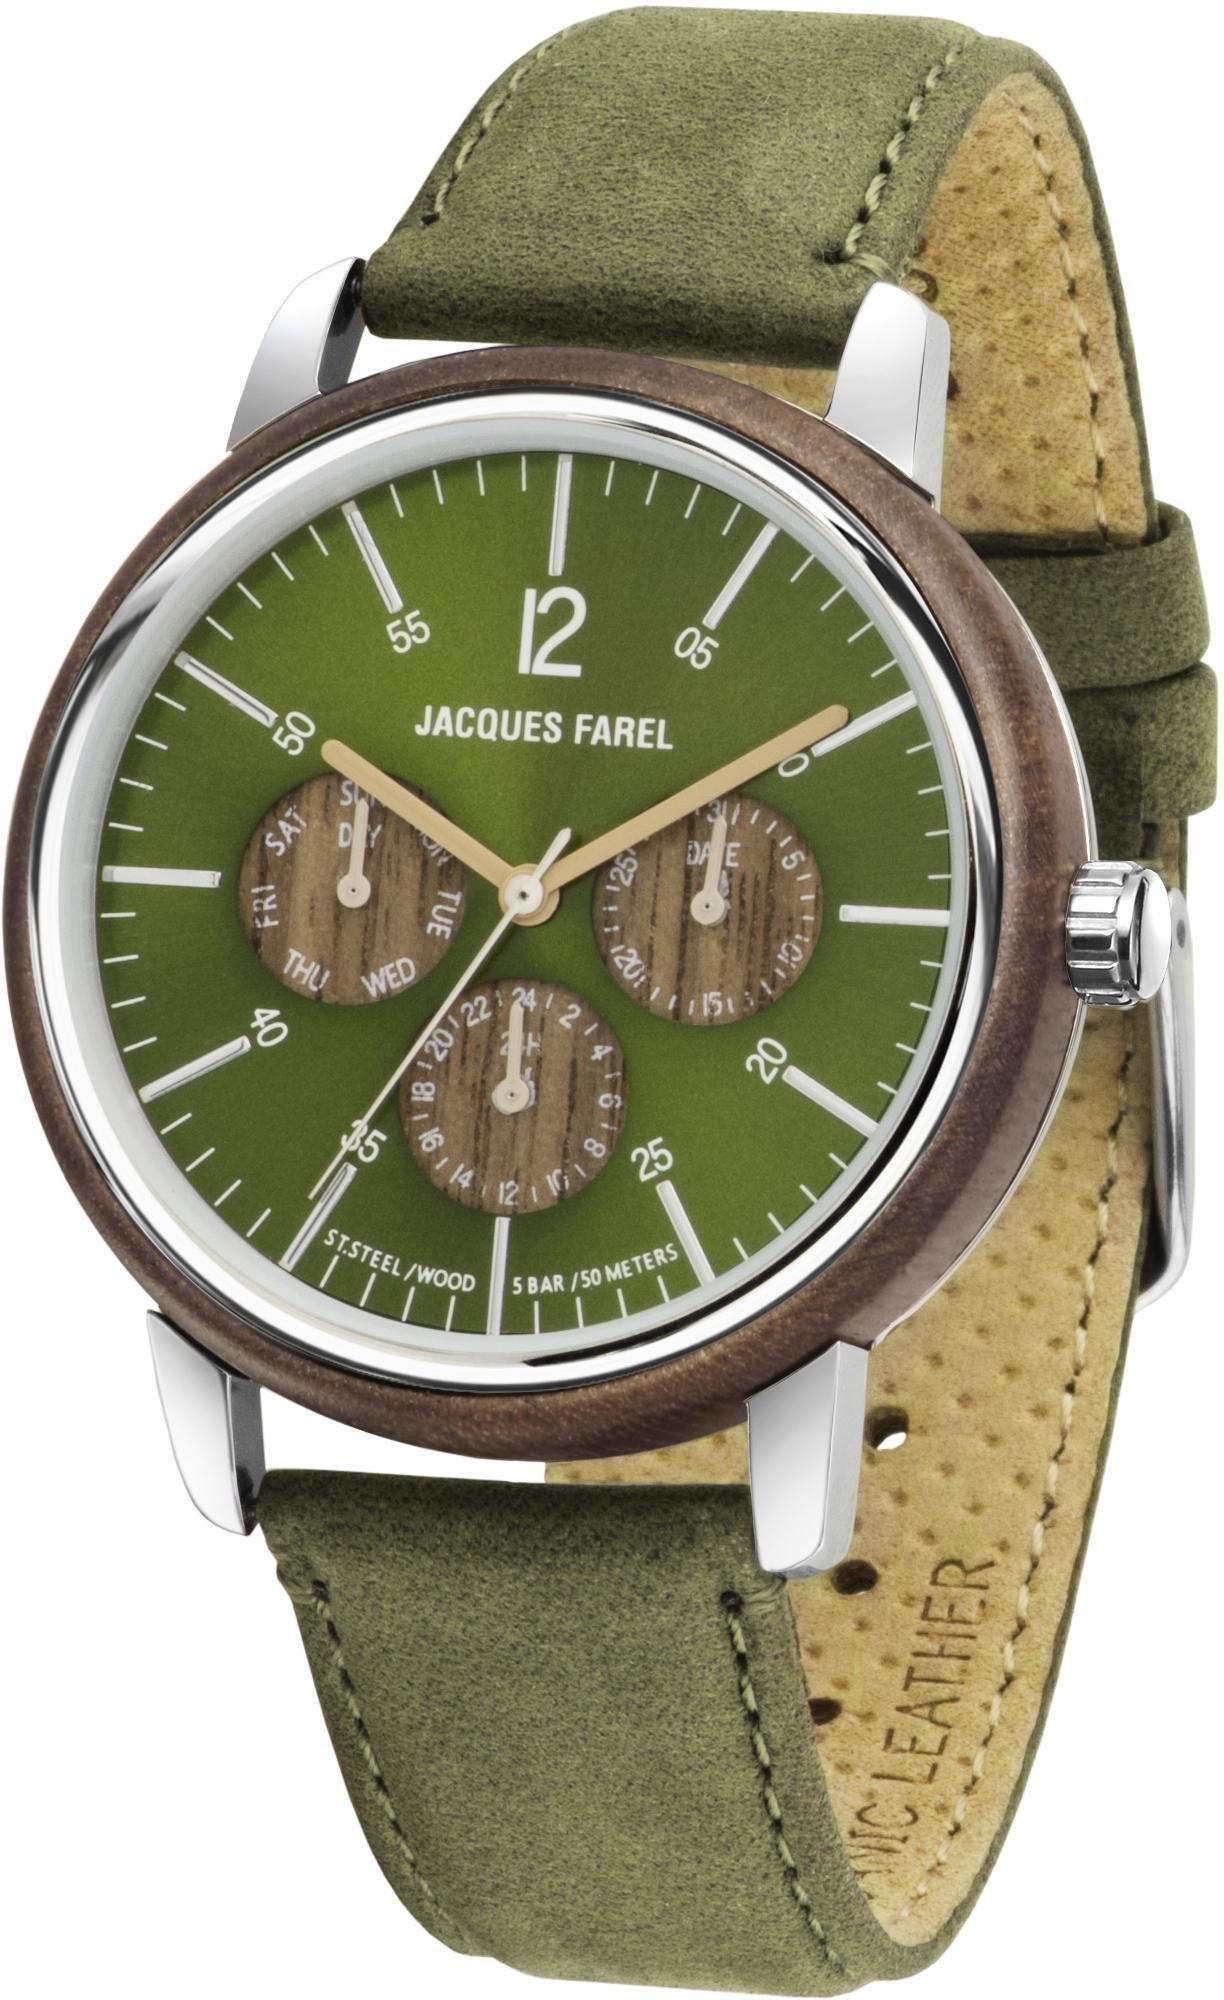 Jacques Farel Hayfield multifunctioneel horloge »ORM 2003« bestellen: 14 dagen bedenktijd